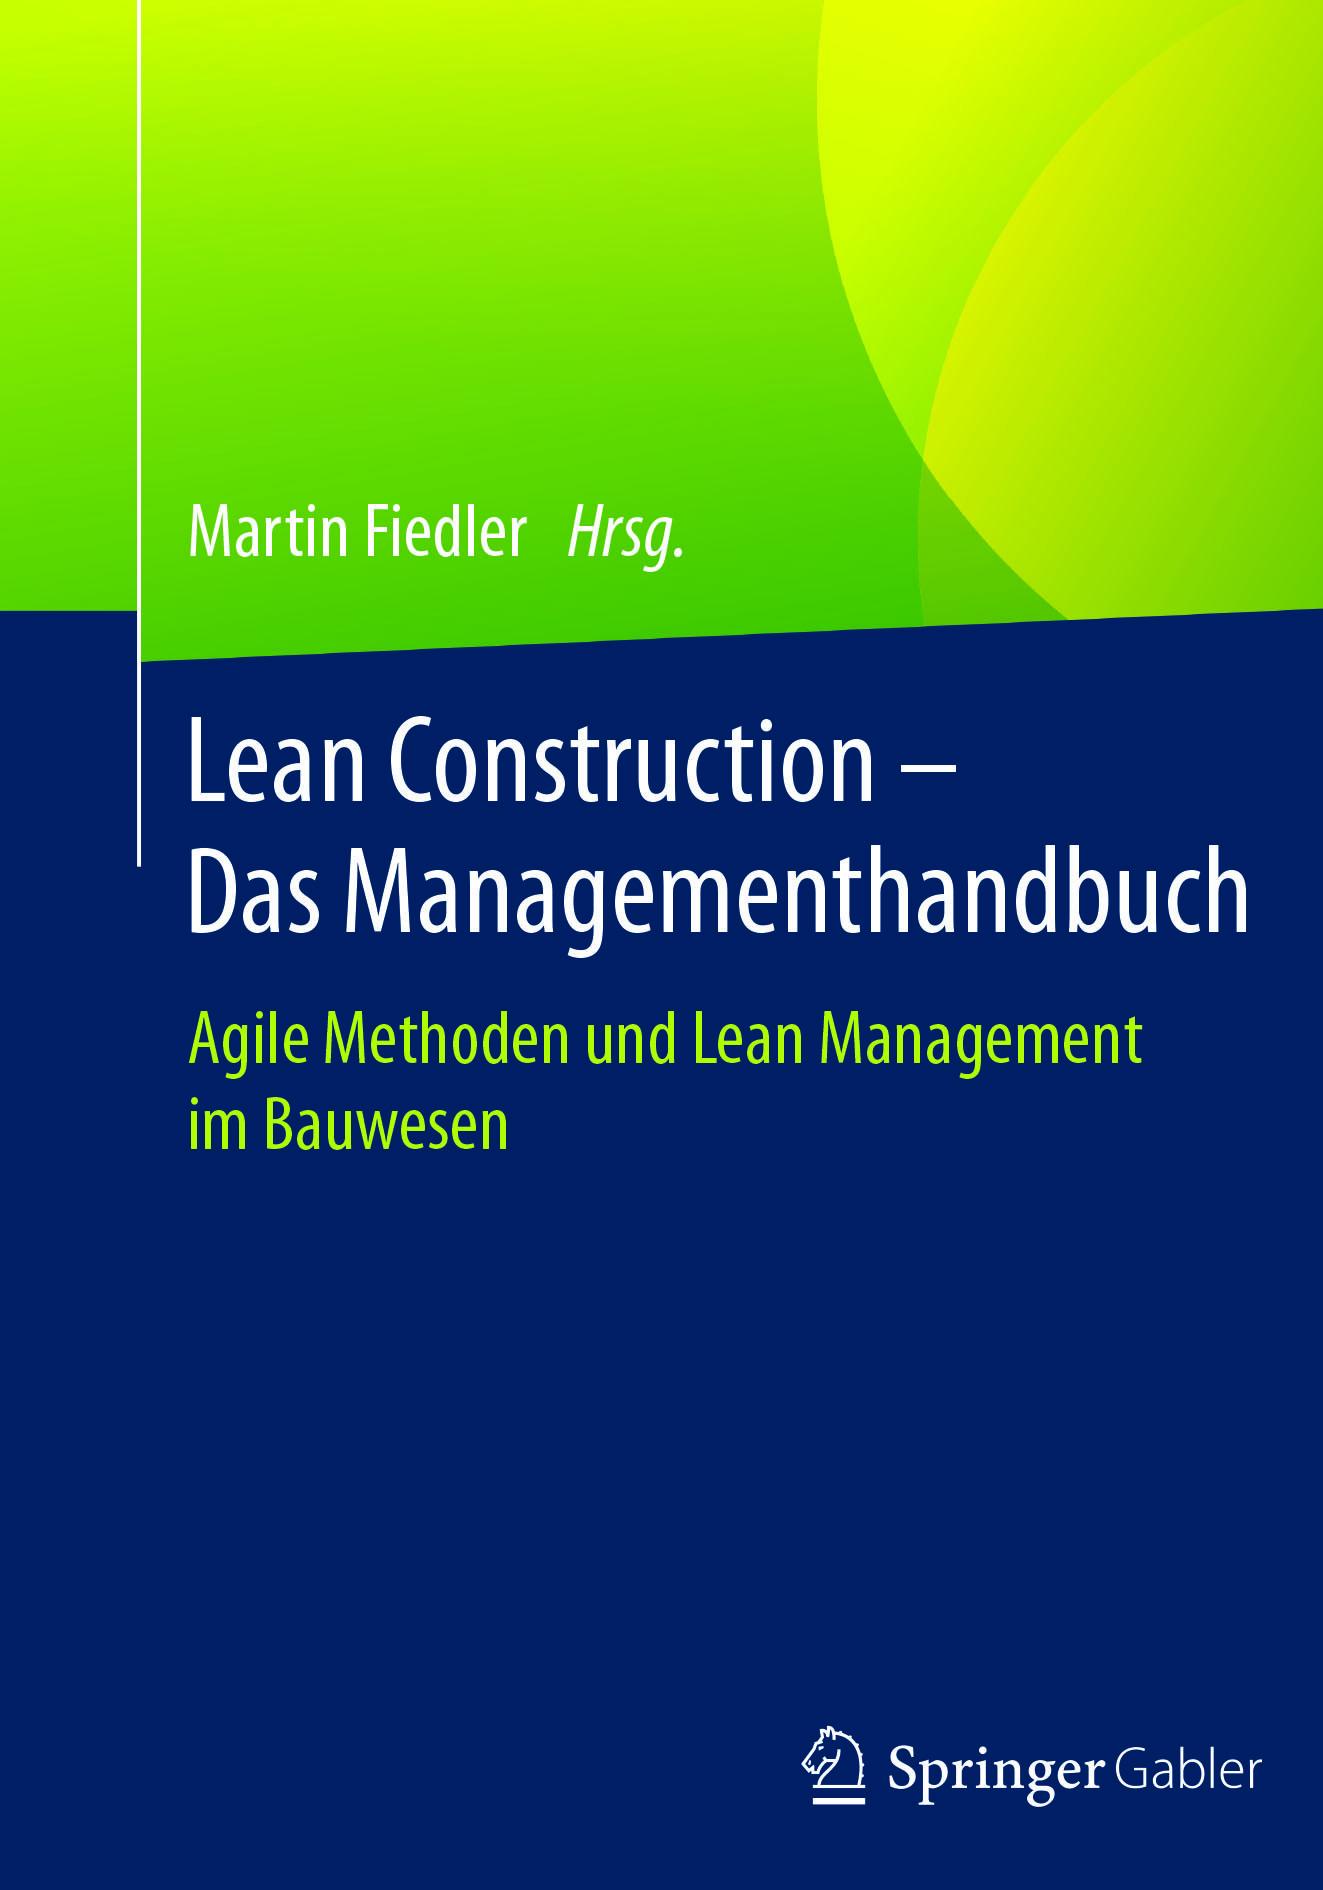 Fiedler, Martin - Lean Construction – Das Managementhandbuch, ebook